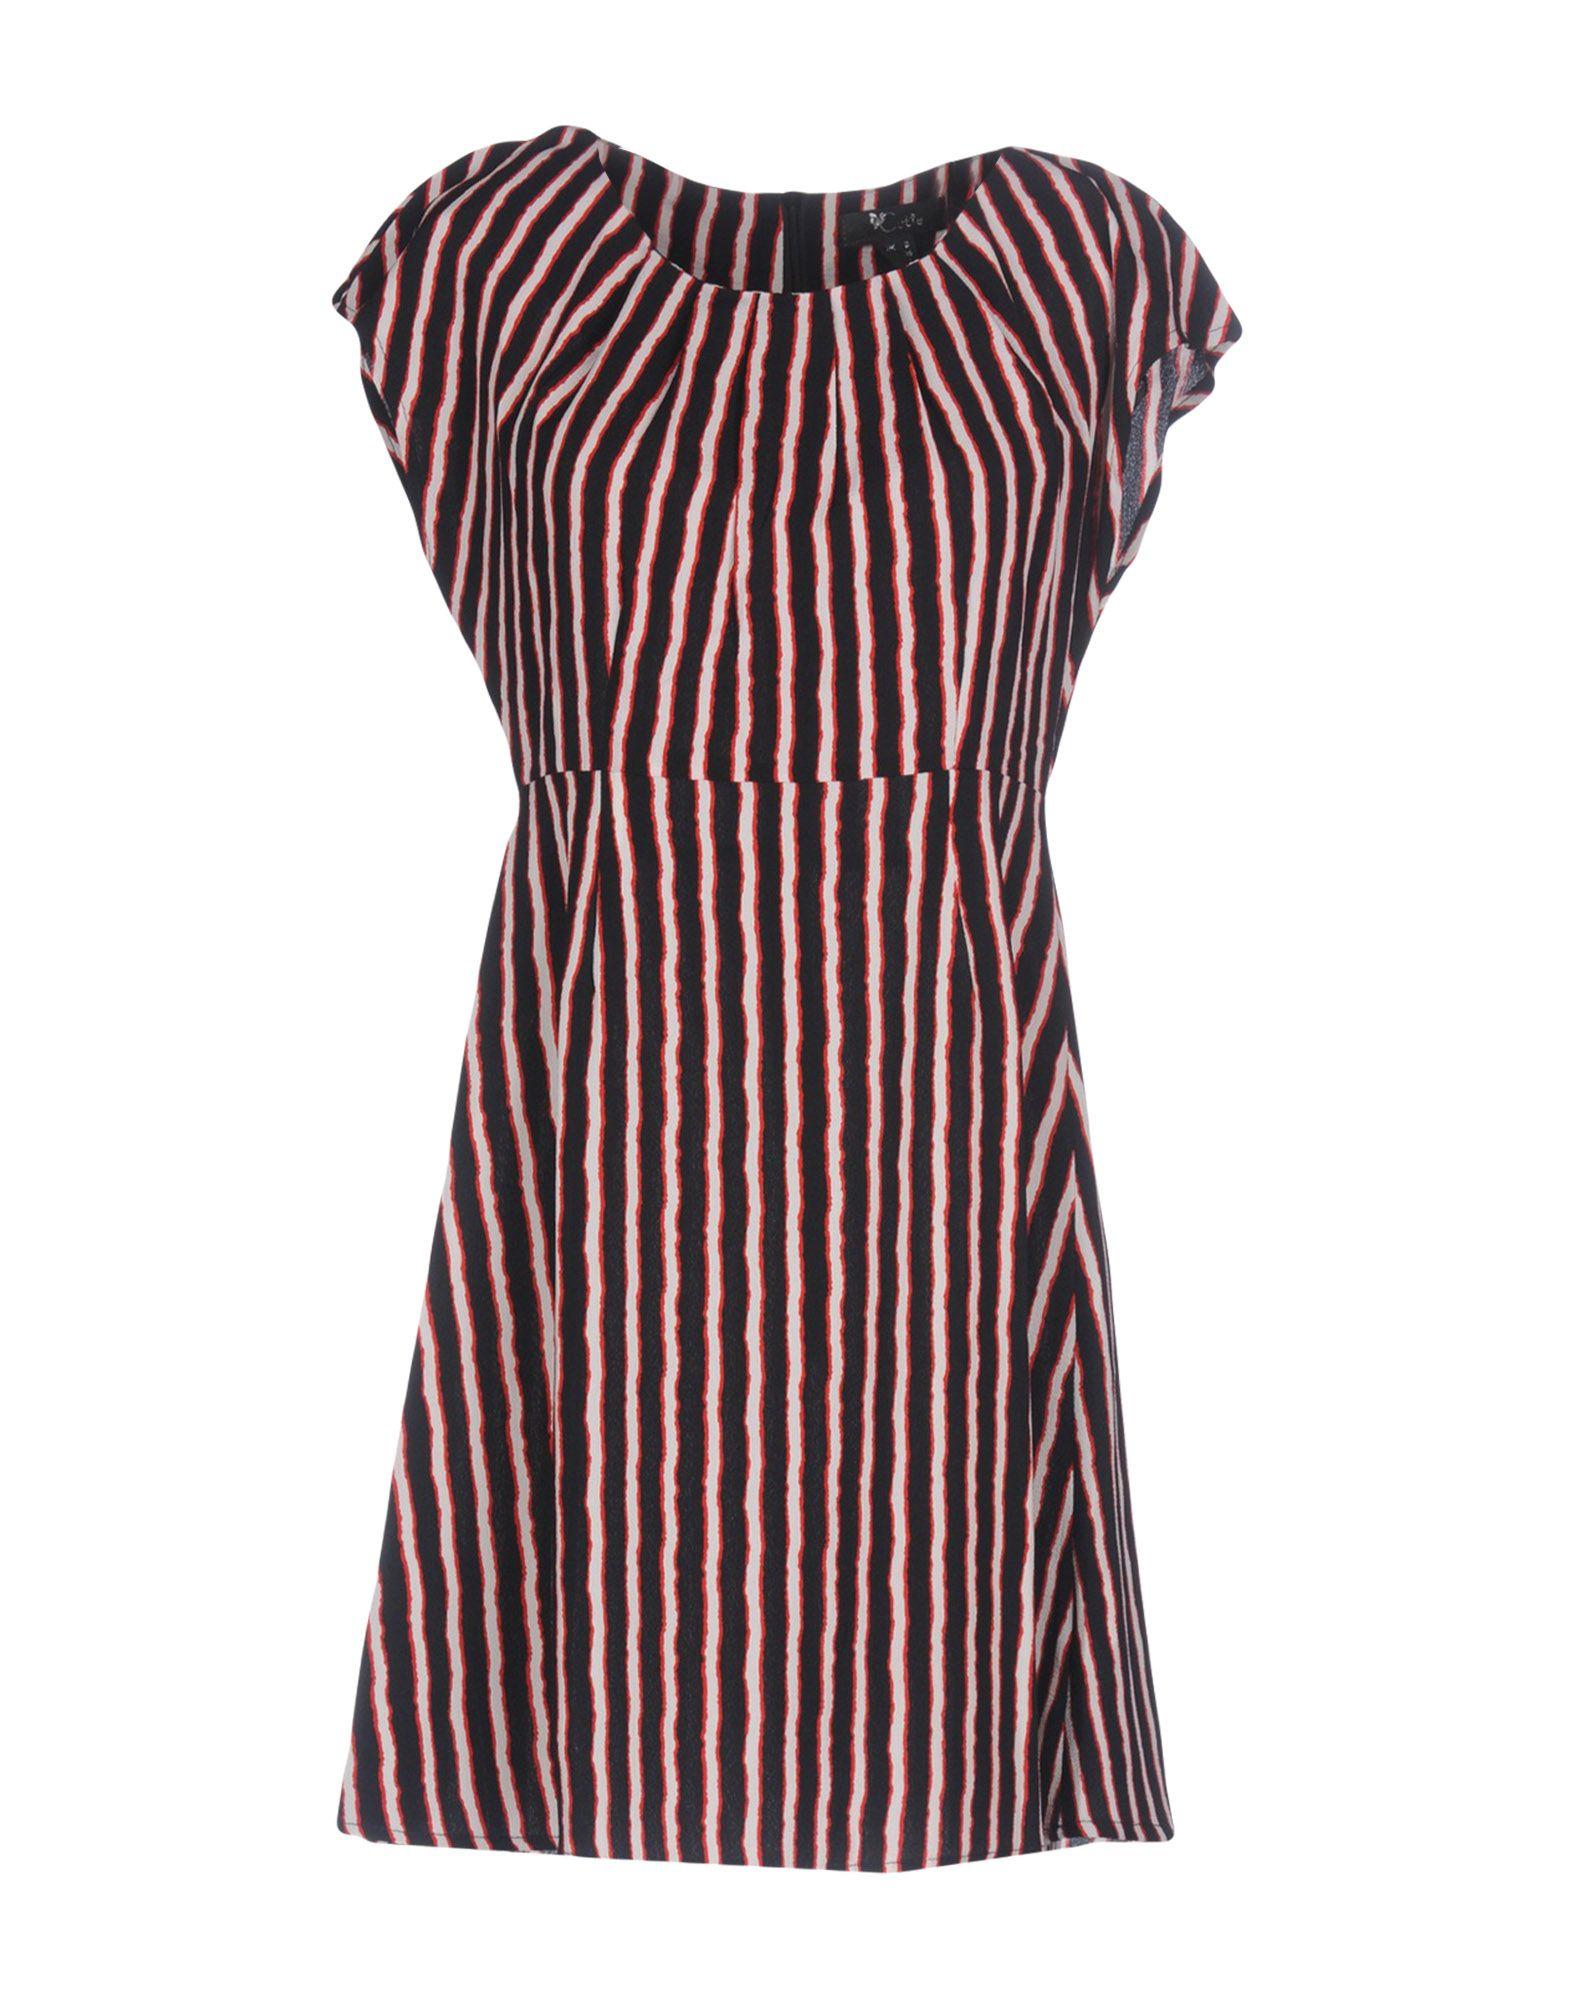 aaf6ef2813c3 Yoox - Γυναικεία Κοντά Φορέματα - Σελίδα 27